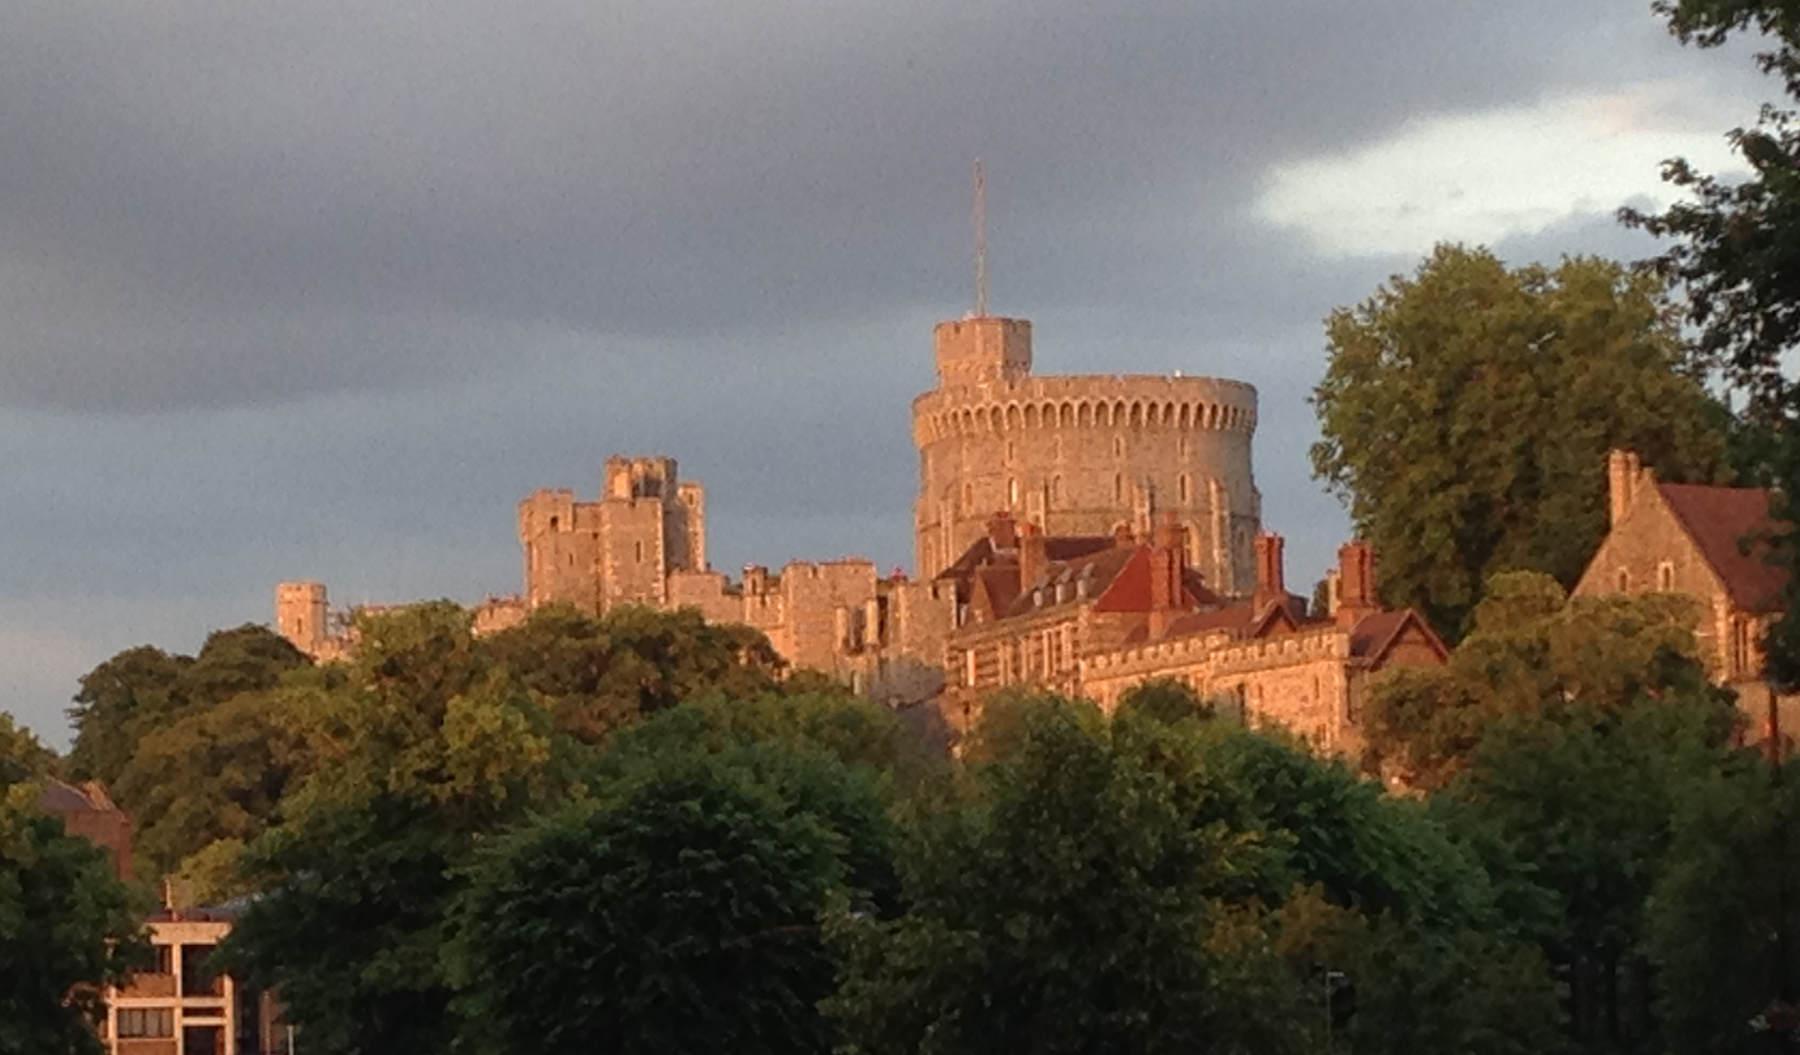 windsor castle at dusk